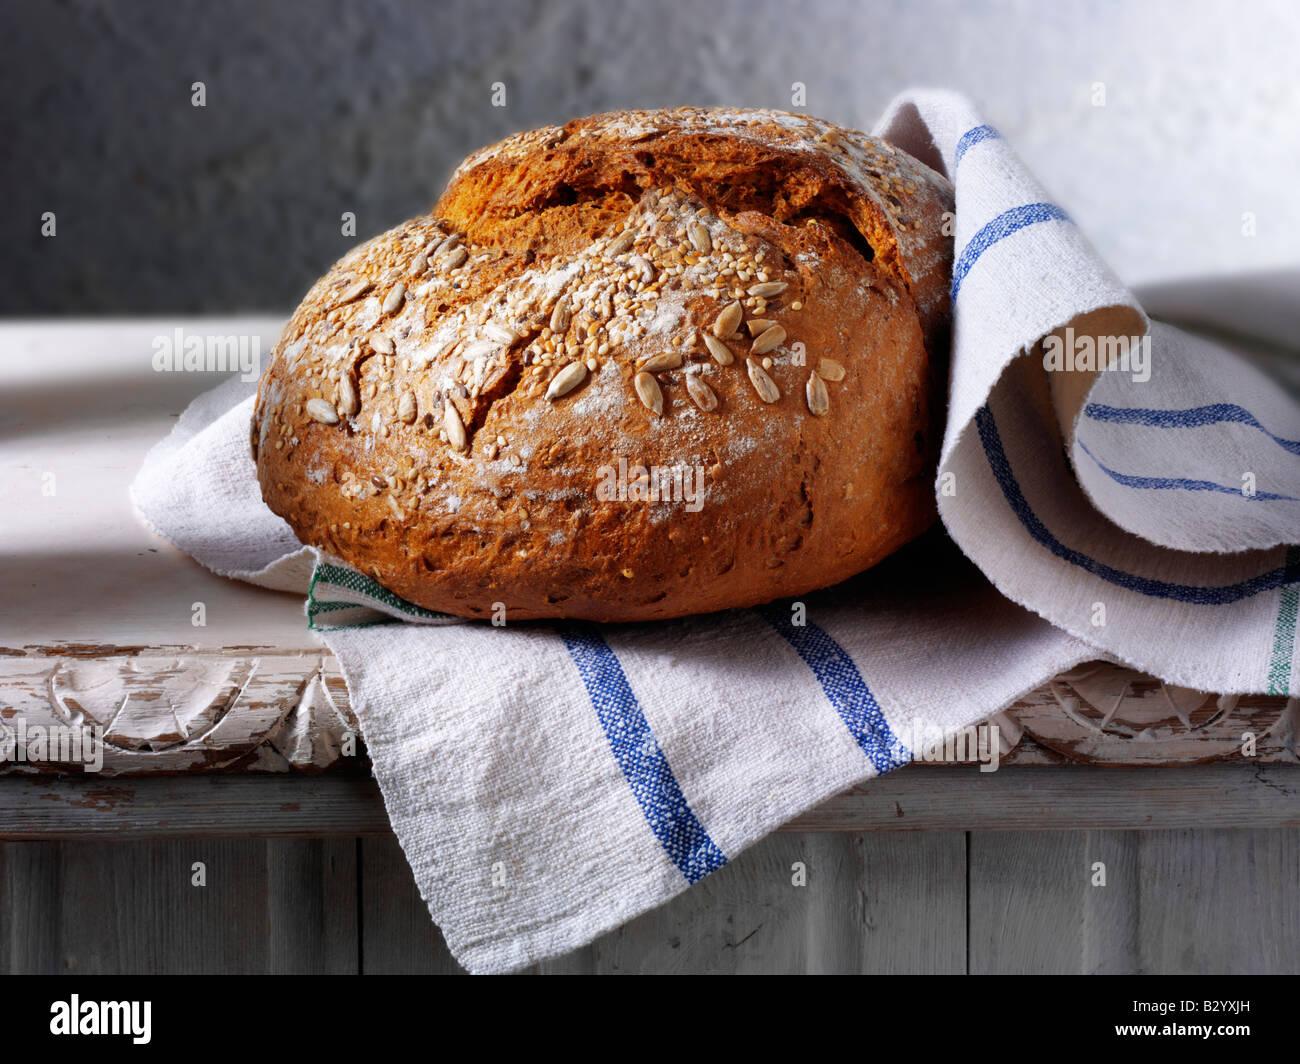 Miche de pain complet Photo Stock